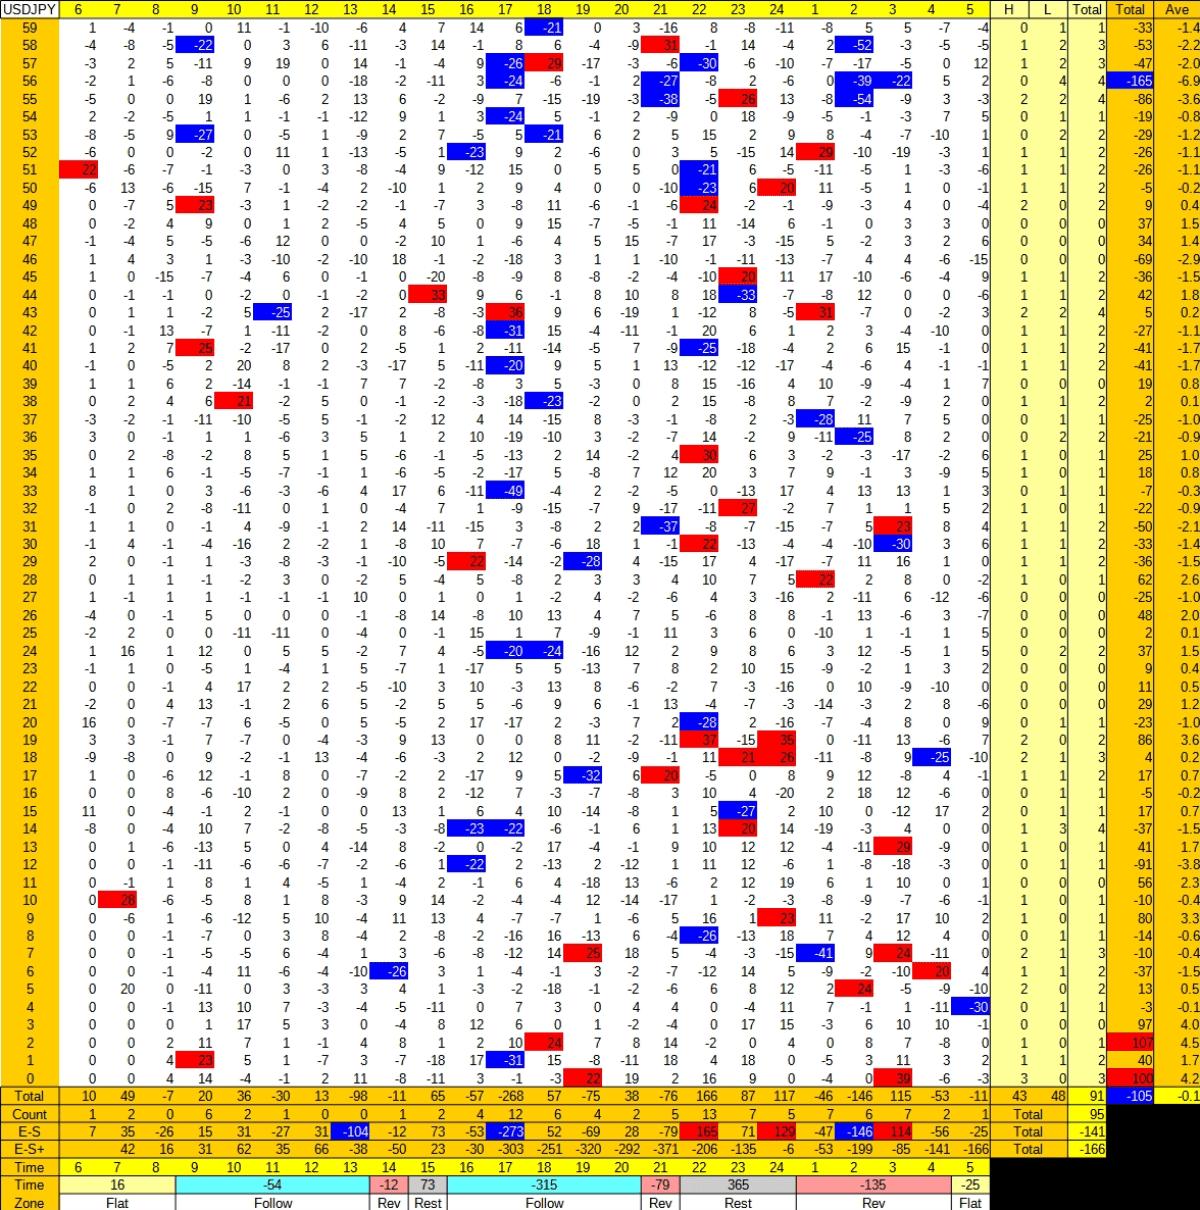 20210219_HS(1)USDJPY-min